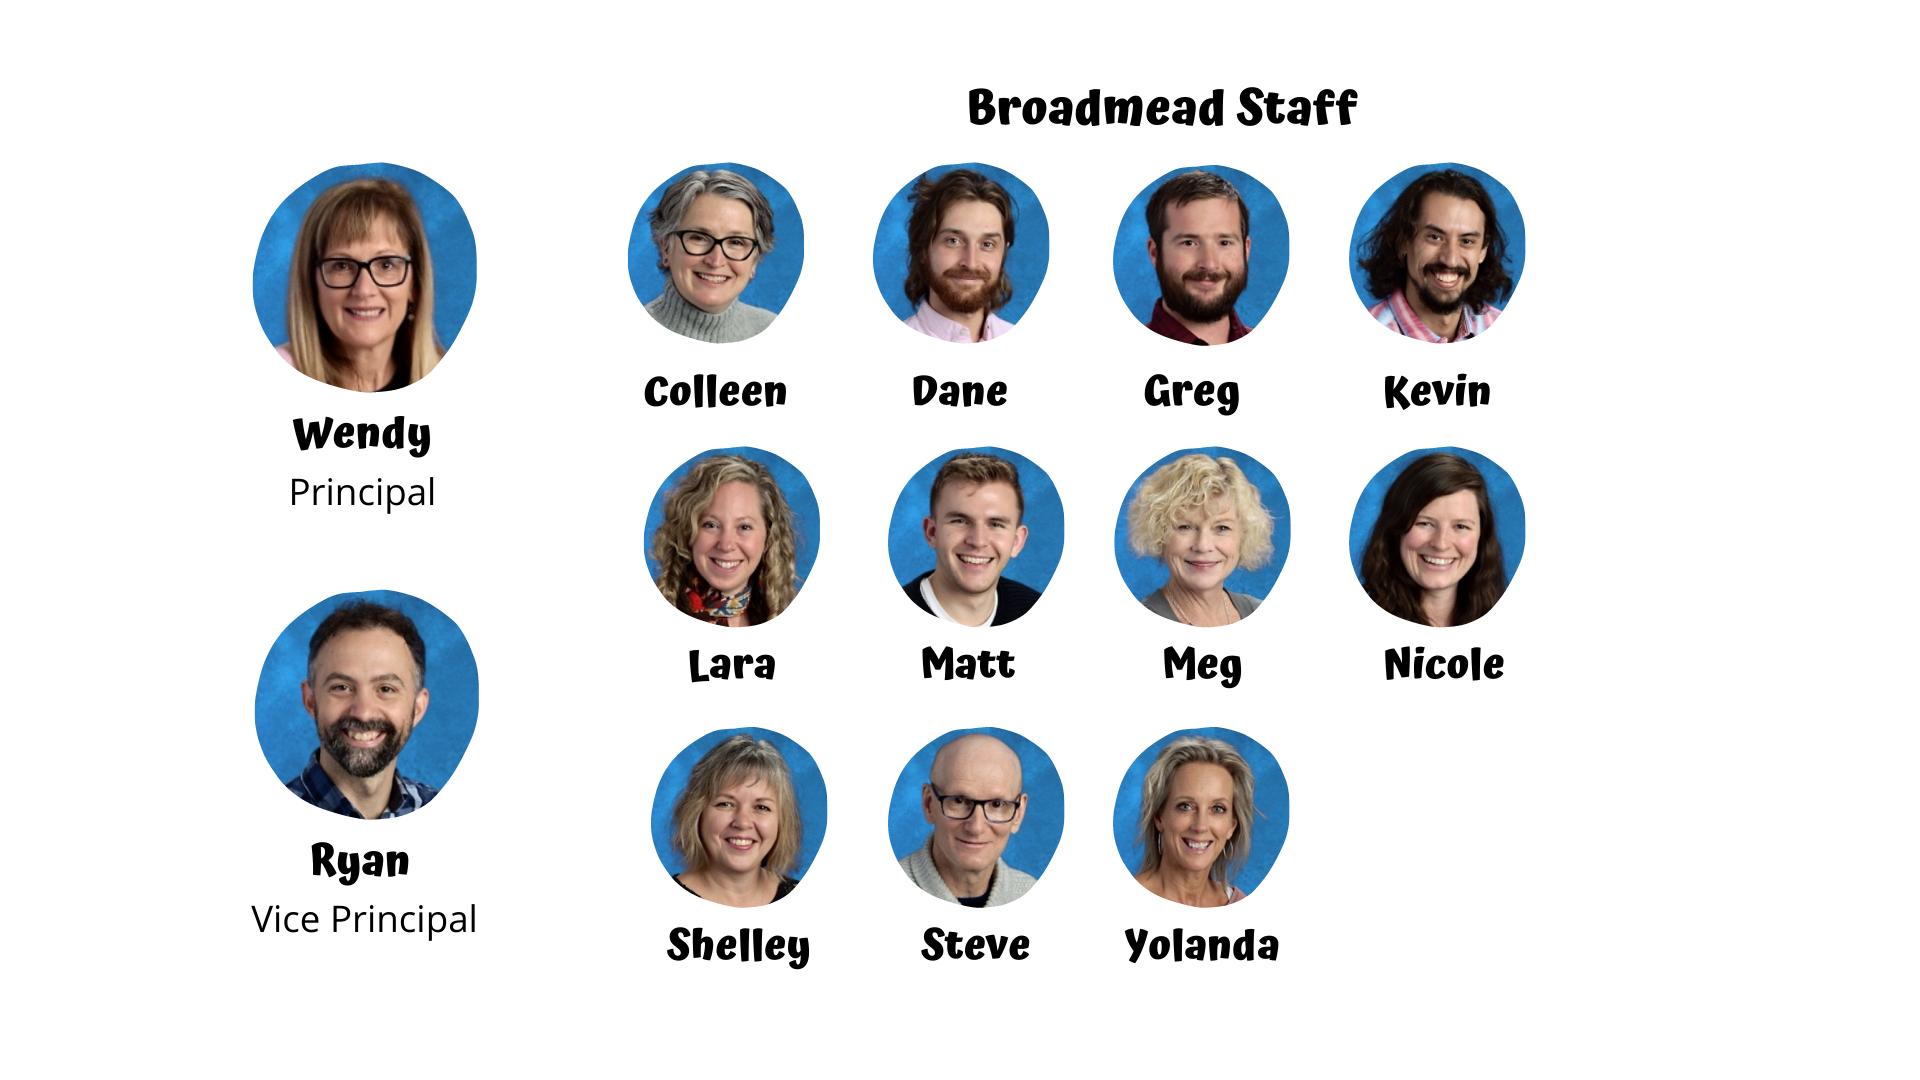 Broadmead Staff